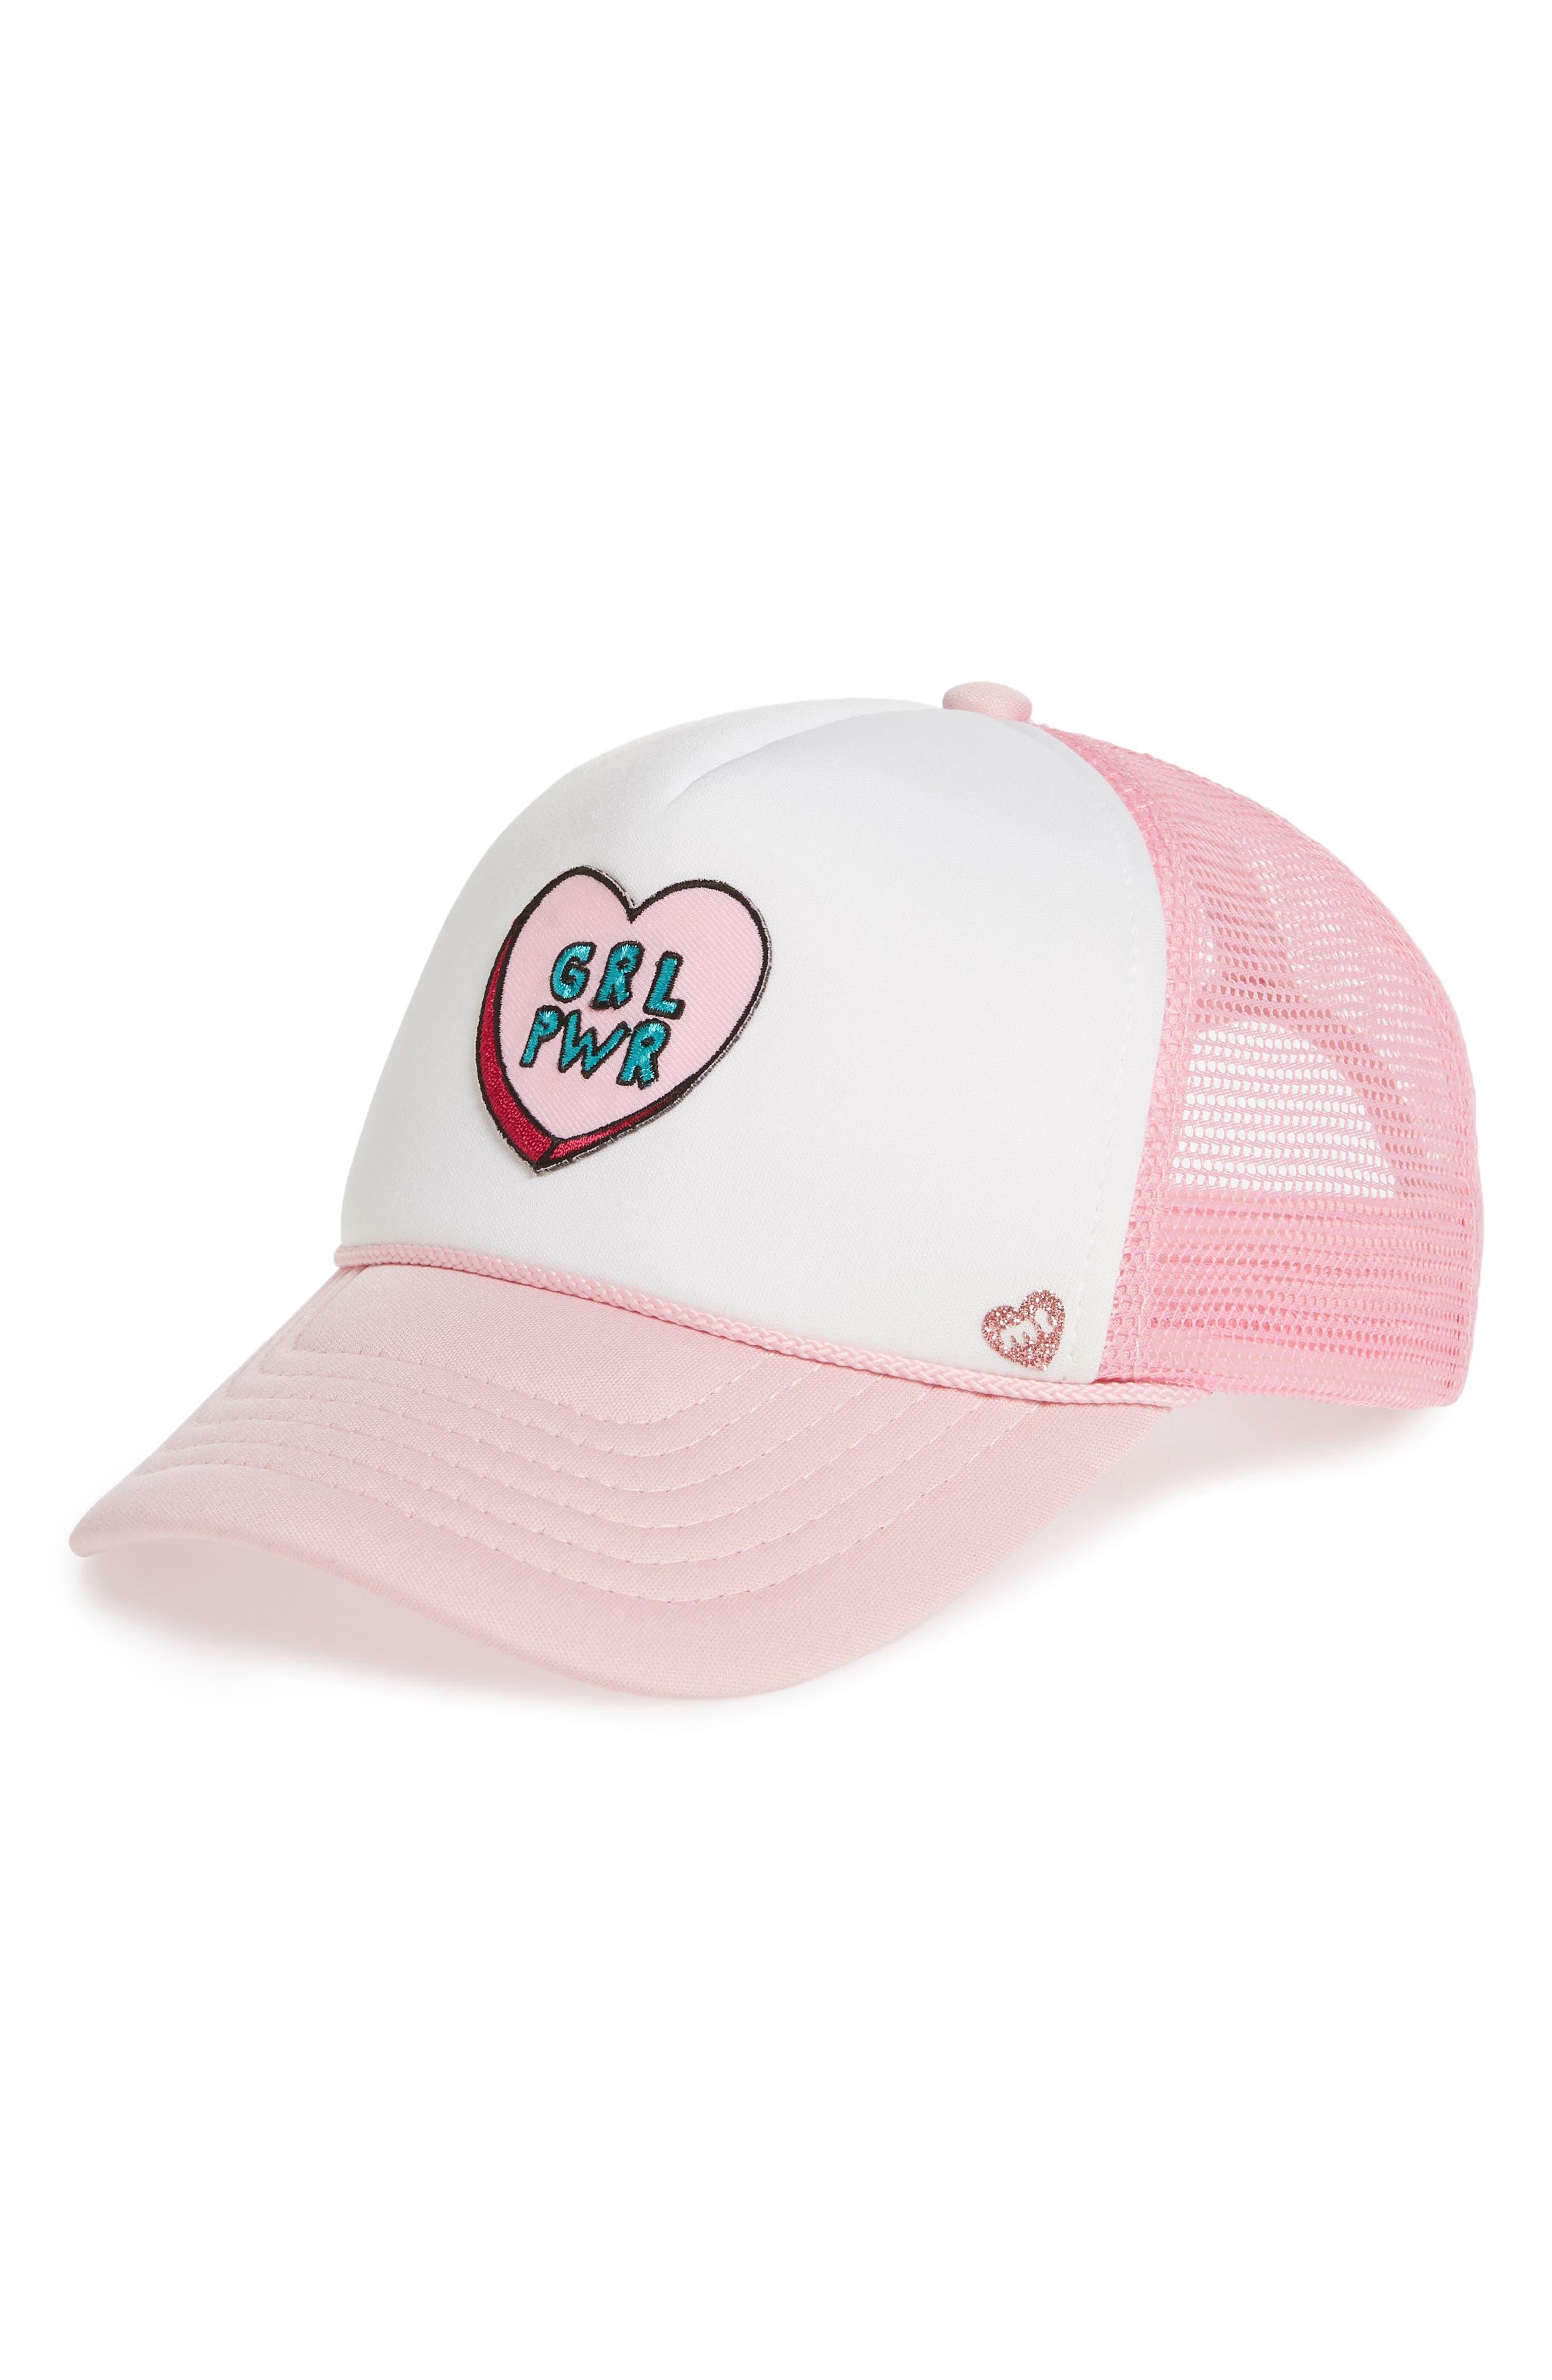 MOTHER TRUCKER & CO.,                             Girl Power Trucker Hat,                             Main thumbnail 1, color,                             LT PNK/ WHT